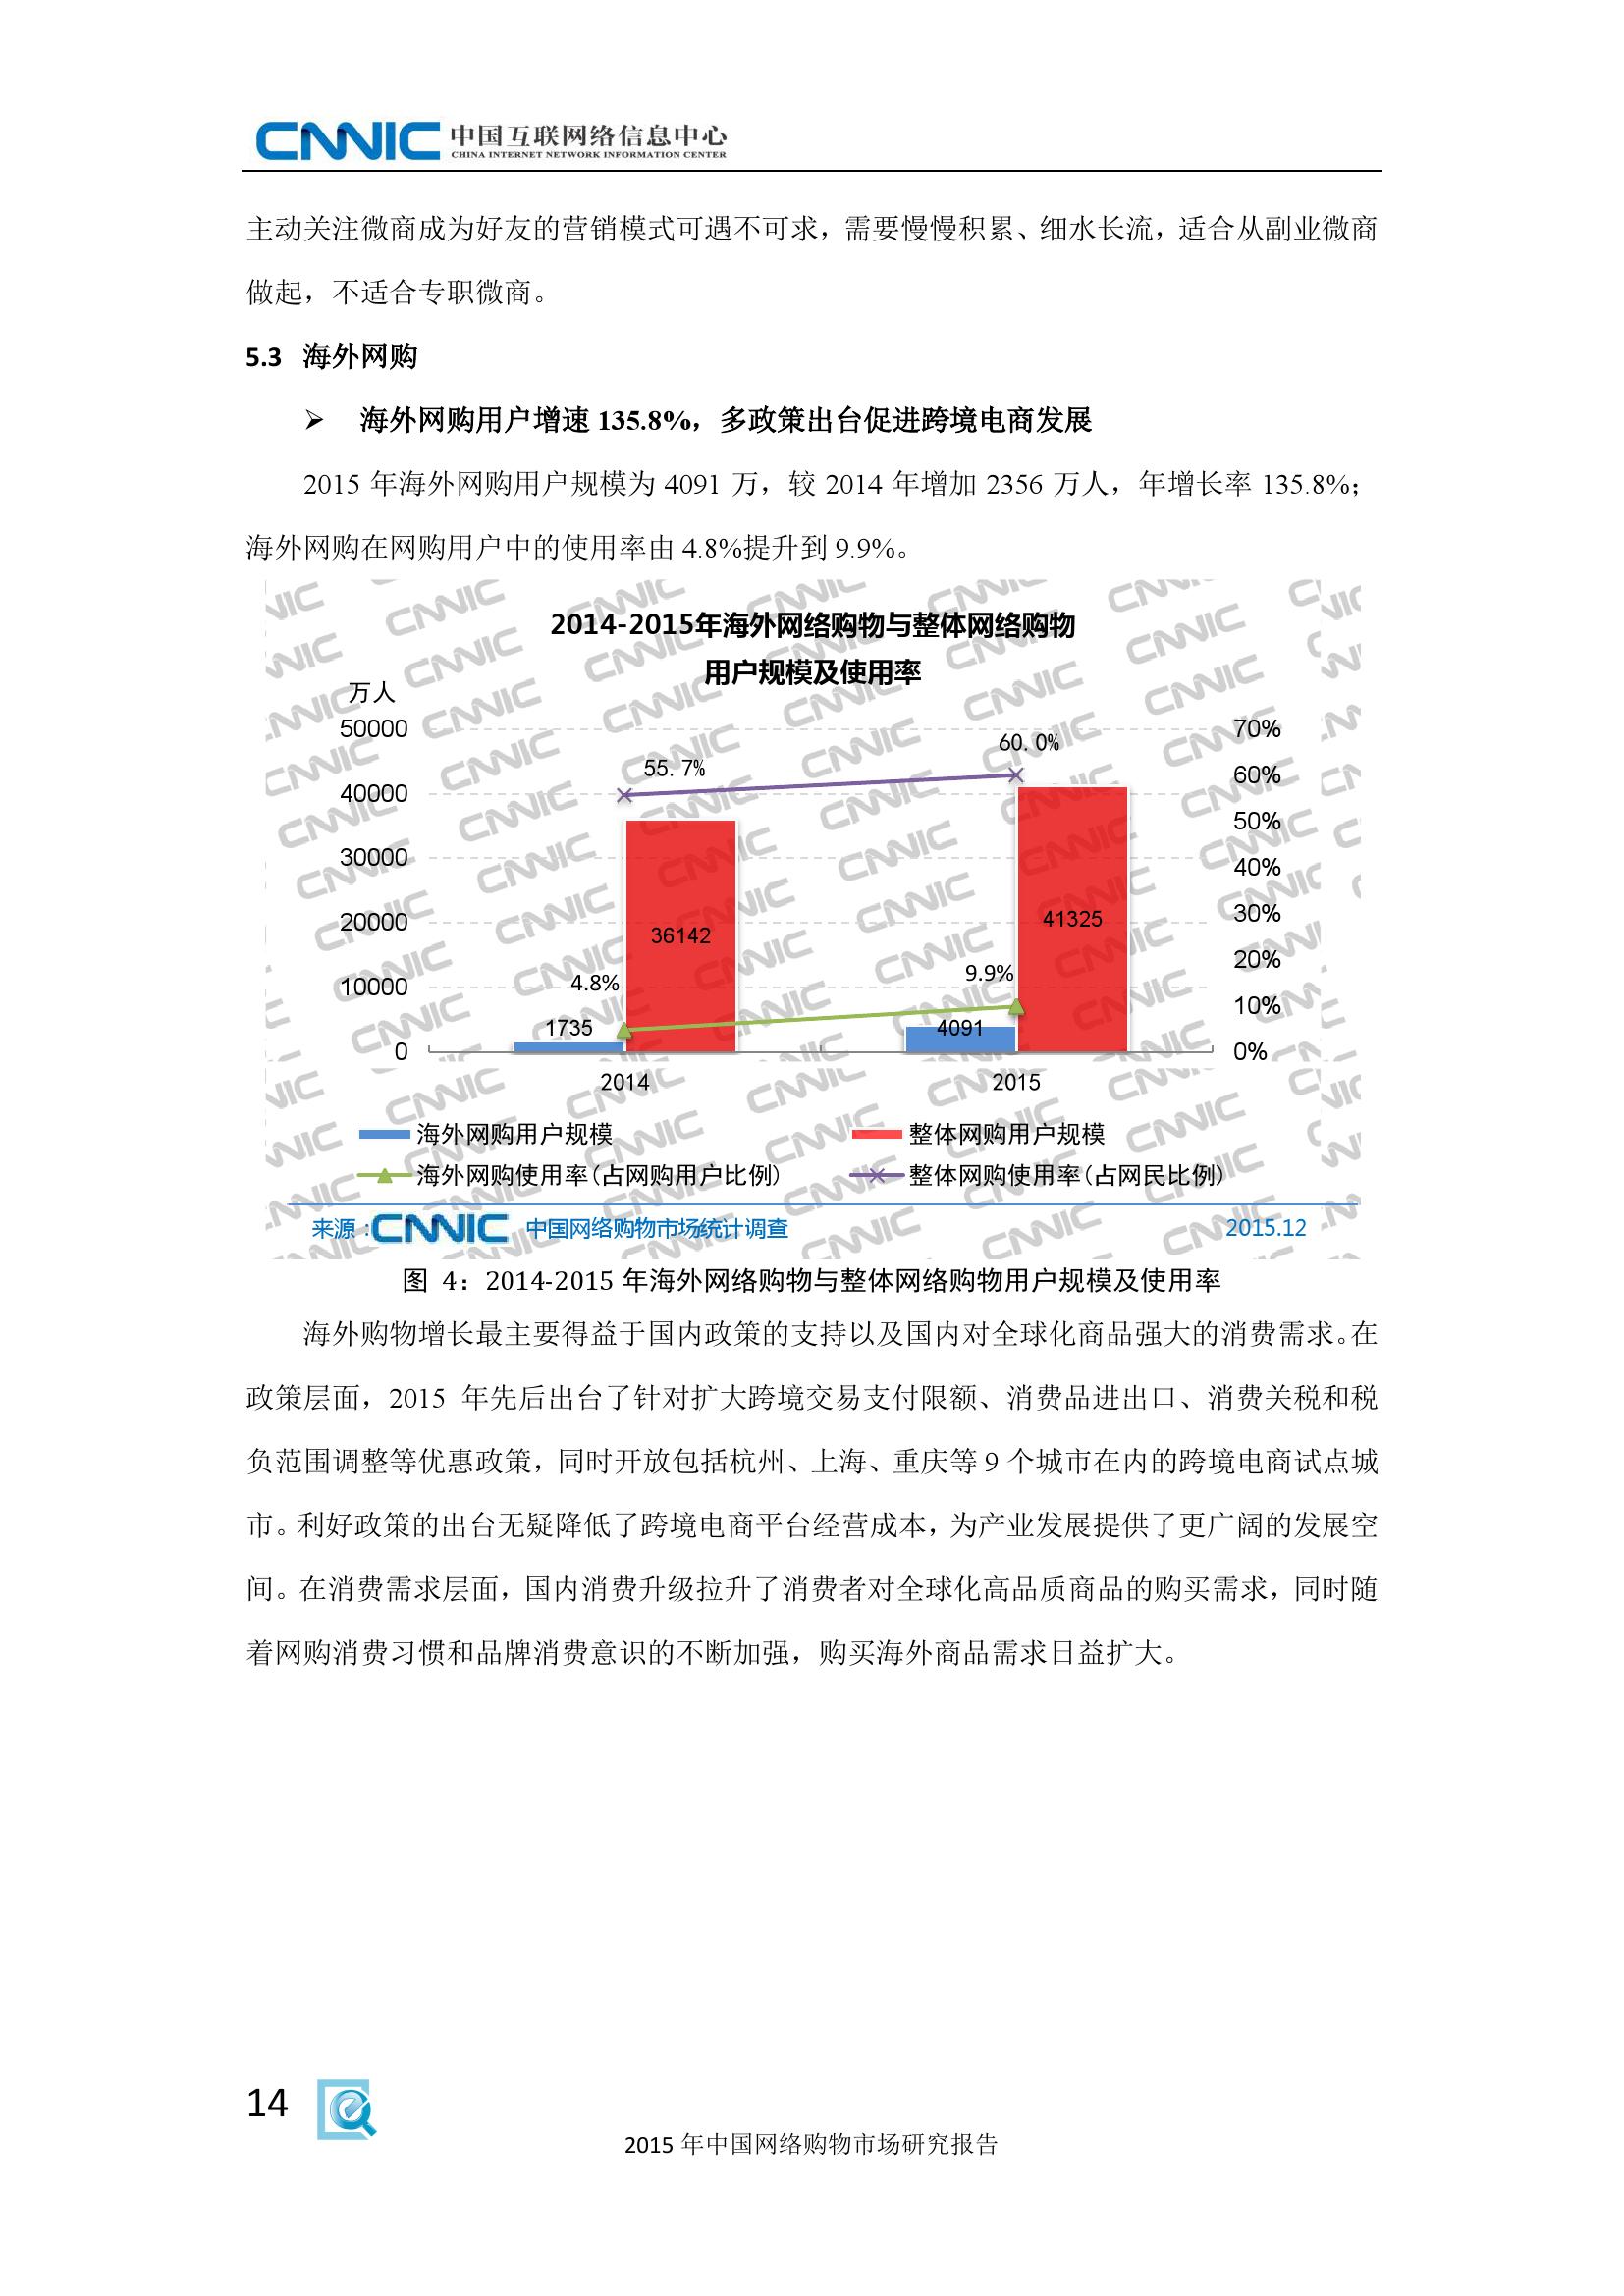 2015年中国网络购物市场研究报告_000022